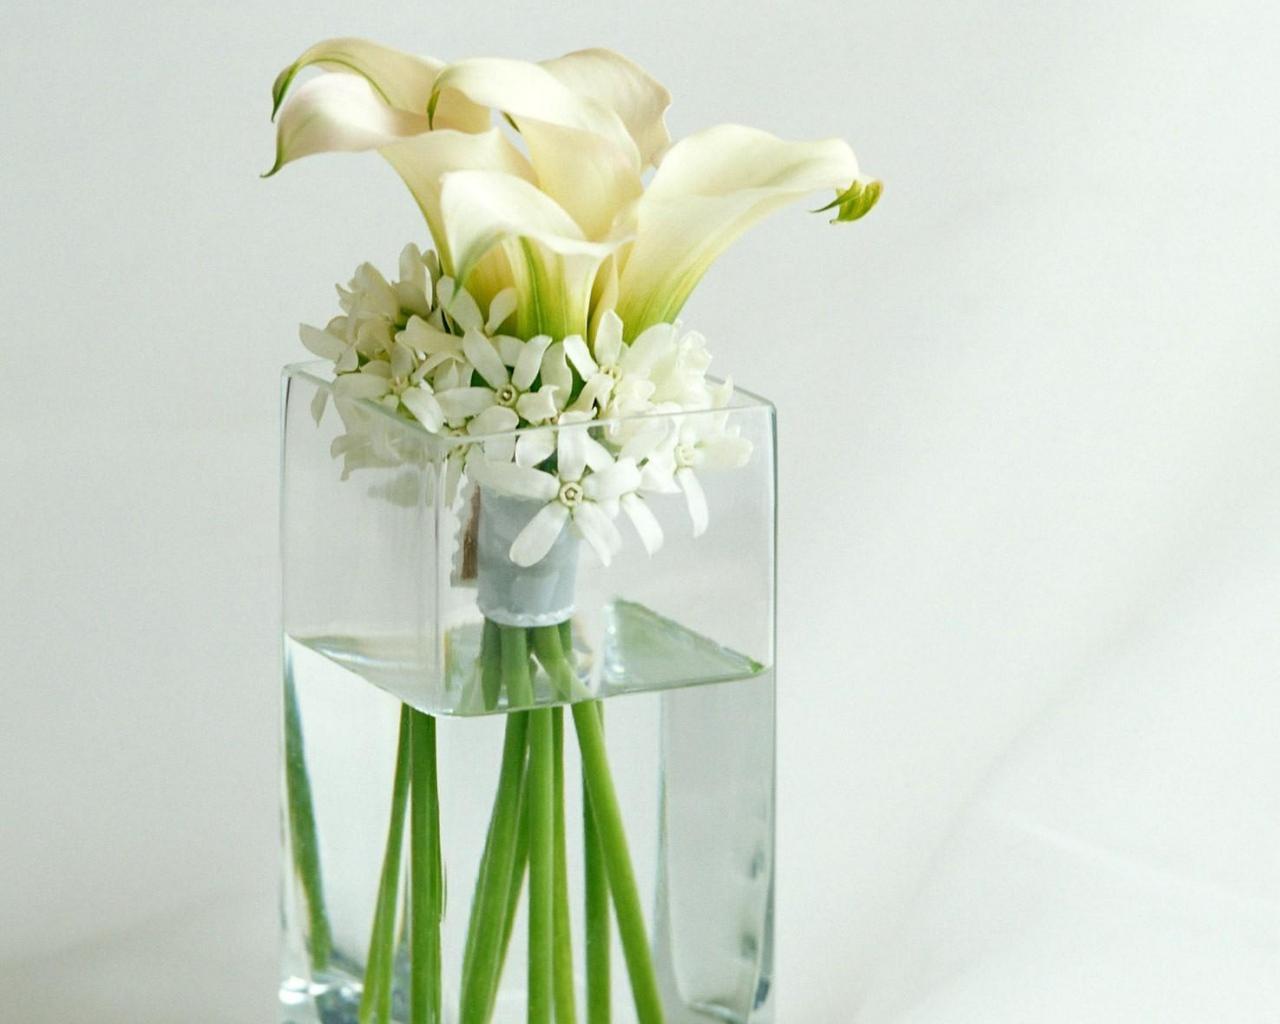 7 Tips That Make Your Flowers Last Longer